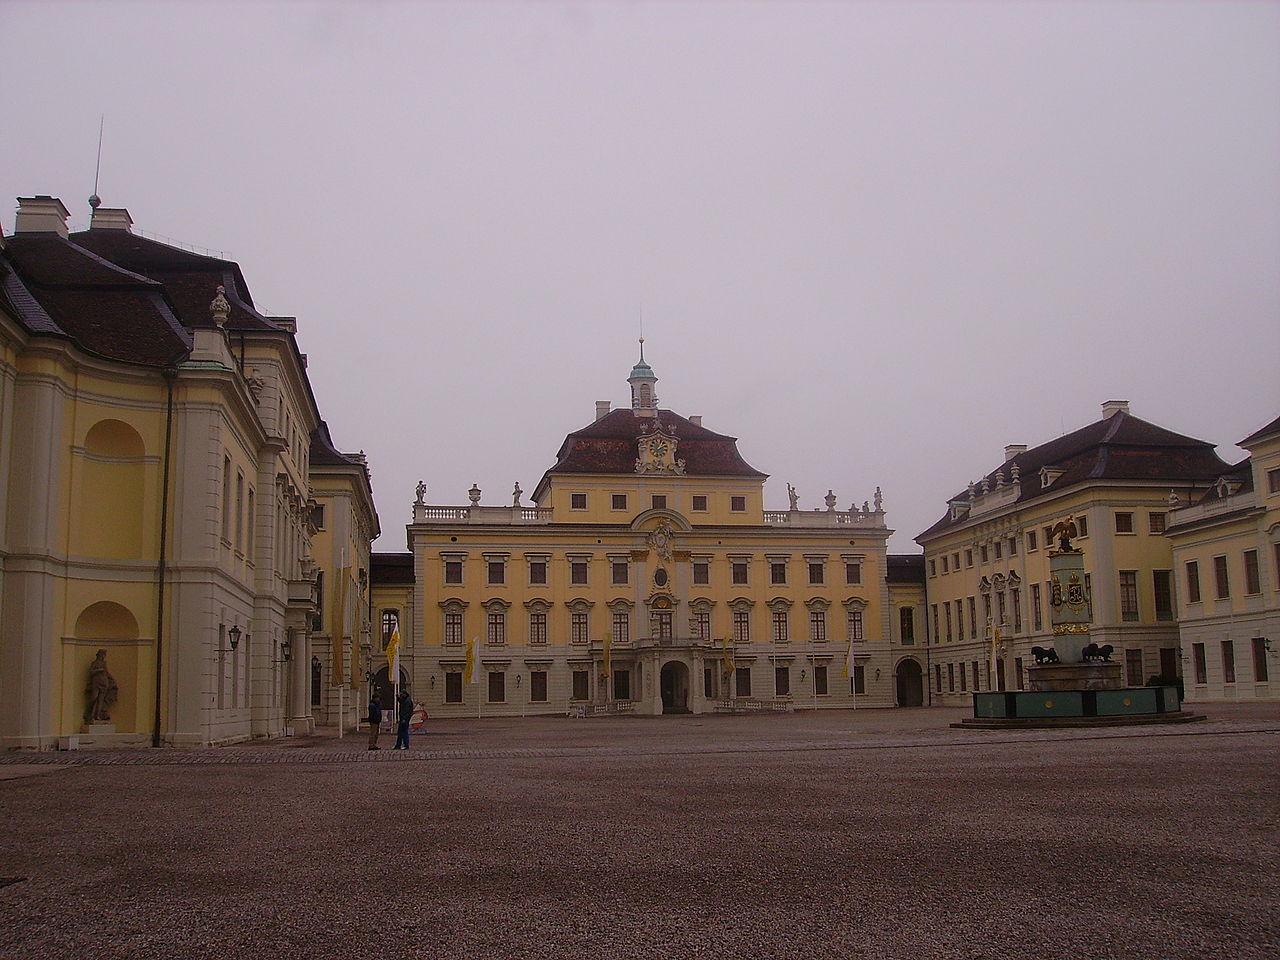 Людвигсбург, Германия: интересные достопримечательности, топ-7 интересных дел и занятий, лучшие рестораны, отзывы туристов